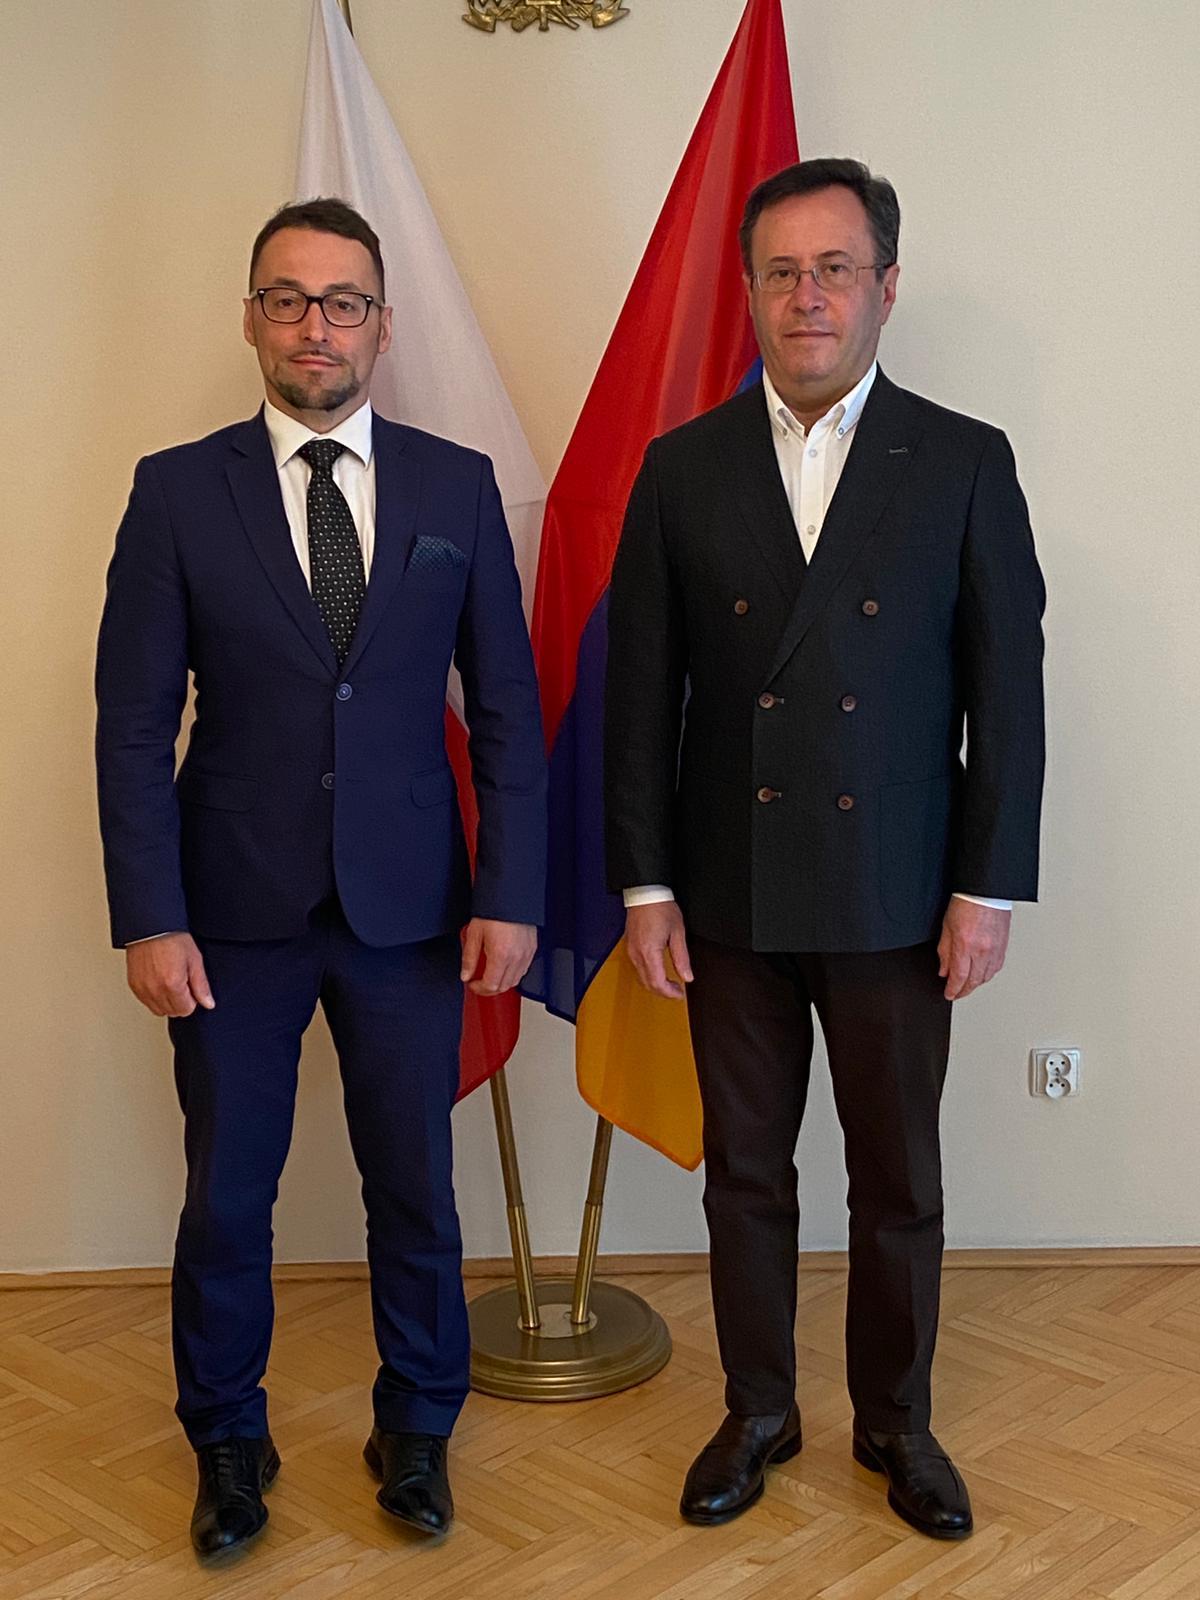 Polska i Armenia – perspektywy współpracy | Diplomacy Talks Series